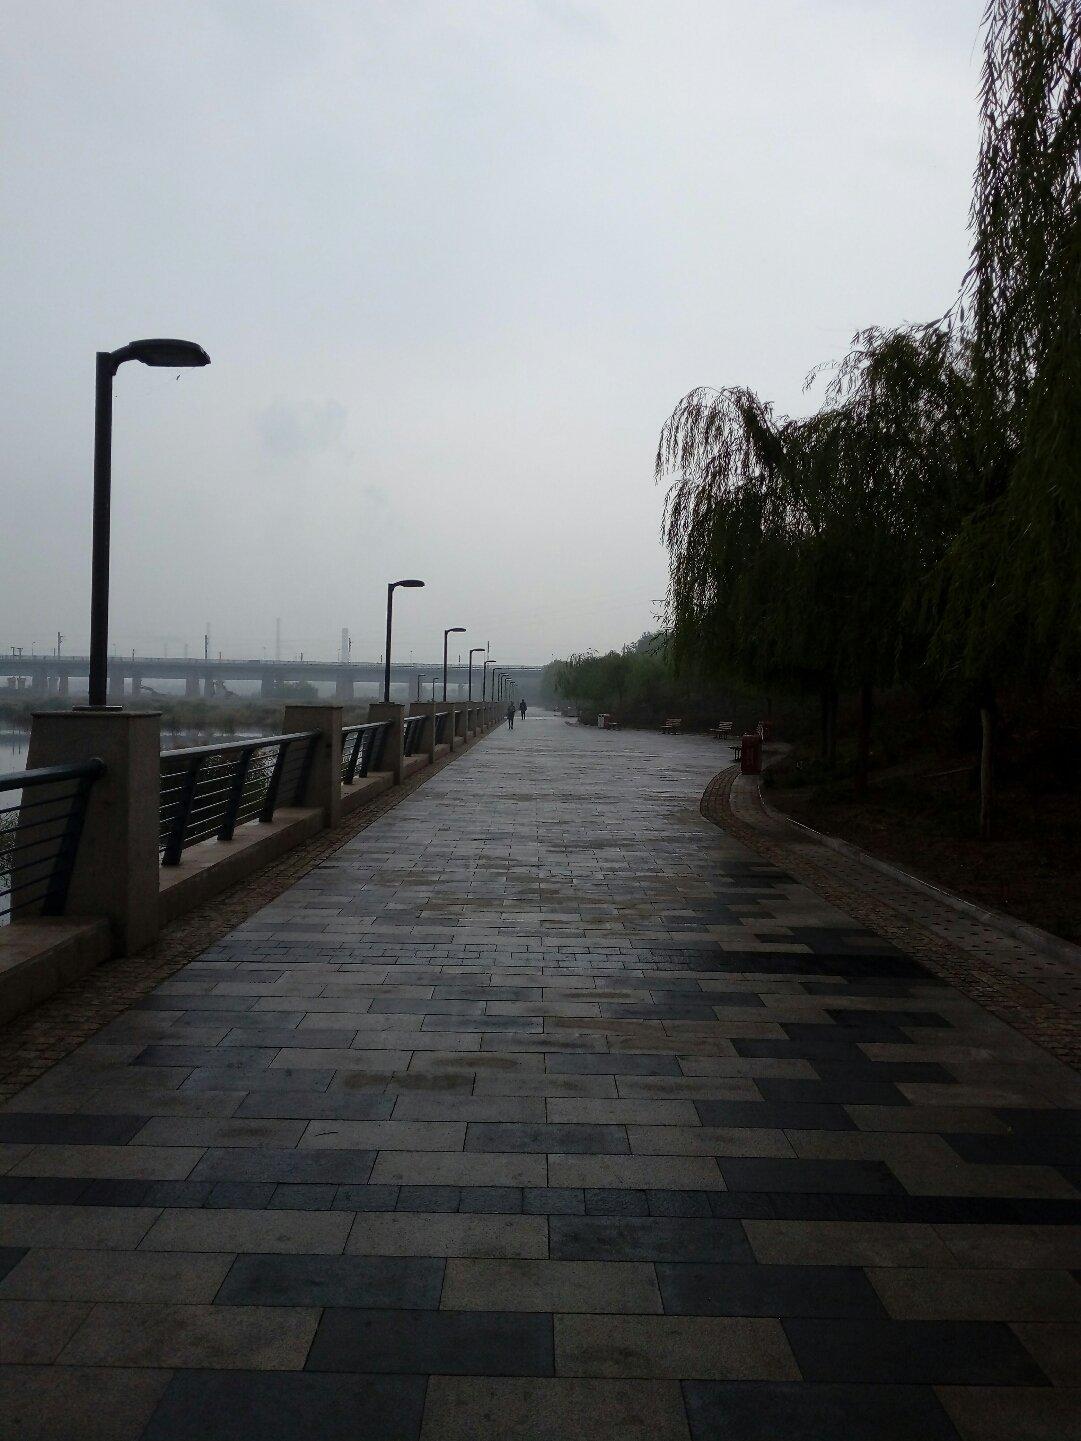 辽宁省锦州市古塔区解放路6-5号靠近锦州市太和区城乡建设管理局天气预报